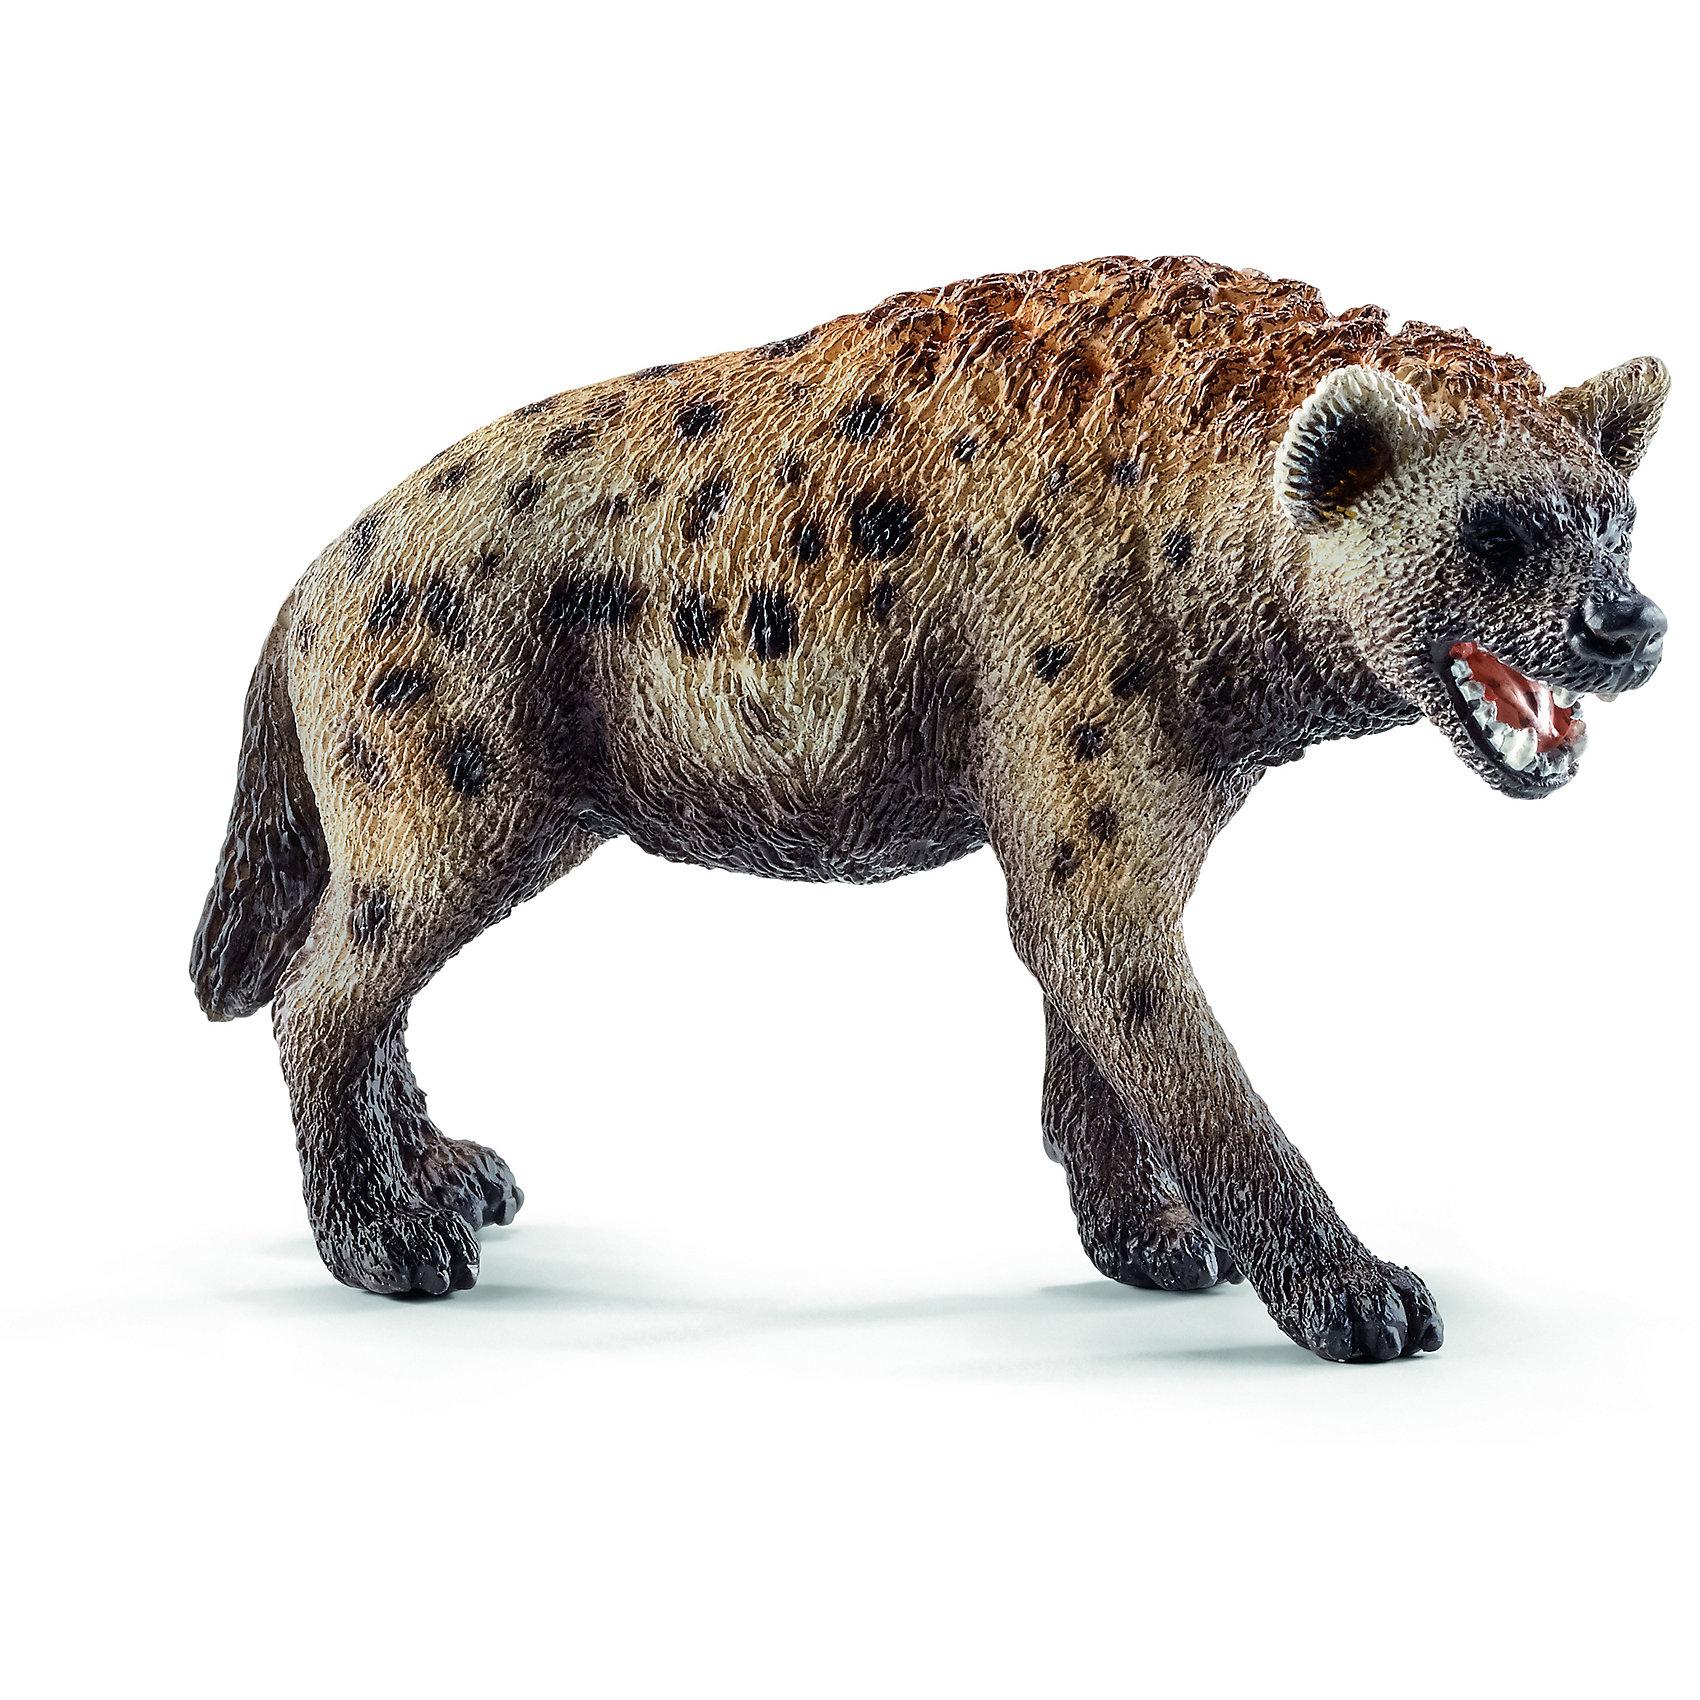 Гиена, SchleichМир животных<br>Гиена, Schleich (Шляйх) – это высококачественная коллекционная и игровая фигурка.<br>Фигурка Гиены прекрасно разнообразит игру вашего ребенка и станет отличным пополнением коллекции его фигурок животных. Пятнистая гиена встречается на большей части Африканского континента. У пятнистой гиены голова напоминает собачью. Морда у нее мощная и широкая. Уши округленные. Хвост лохматый, а длинная грубая шерсть на шее и вдоль спины образует гриву. Гиены имеют чрезвычайно сильные челюсти относительно их размера тела. Спина покатая, задняя часть заметно ниже передней, из-за чего пятнистая гиена передвигается не слишком изящно, но способна развивать скорость до 65 км/час. Конечности четырехпалые, с не втяжными когтями. <br>Прекрасно выполненные фигурки Schleich (Шляйх) являются максимально точной копией настоящих животных и отличаются высочайшим качеством игрушек ручной работы. Каждая фигурка разработана с учетом исследований в области педагогики и производится как настоящее произведение для маленьких детских ручек. Все фигурки Schleich (Шляйх) сделаны из гипоаллергенных высокотехнологичных материалов, раскрашены вручную и не вызывают аллергии у ребенка.<br><br>Дополнительная информация:<br><br>- Размер фигурки: 5,2 х 3,1 х 8,6 см.<br>- Материал: высококачественный каучуковый пластик<br><br>Фигурку Гиены, Schleich (Шляйх) можно купить в нашем интернет-магазине.<br><br>Ширина мм: 92<br>Глубина мм: 55<br>Высота мм: 27<br>Вес г: 37<br>Возраст от месяцев: 36<br>Возраст до месяцев: 96<br>Пол: Унисекс<br>Возраст: Детский<br>SKU: 3902542